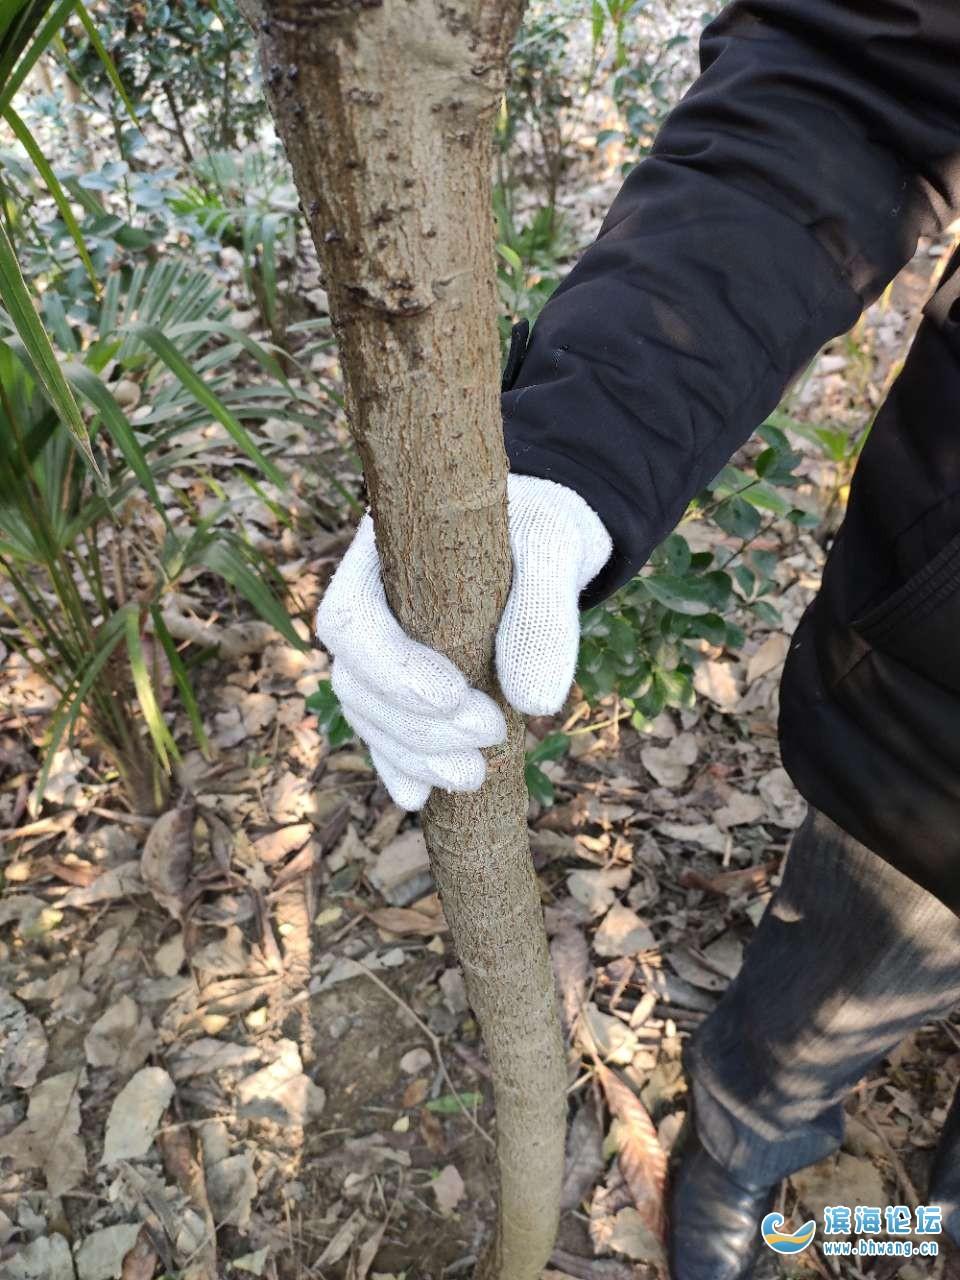 長了十幾年的果樹經由政府指定的評估公司得出結論五元,心寒啊